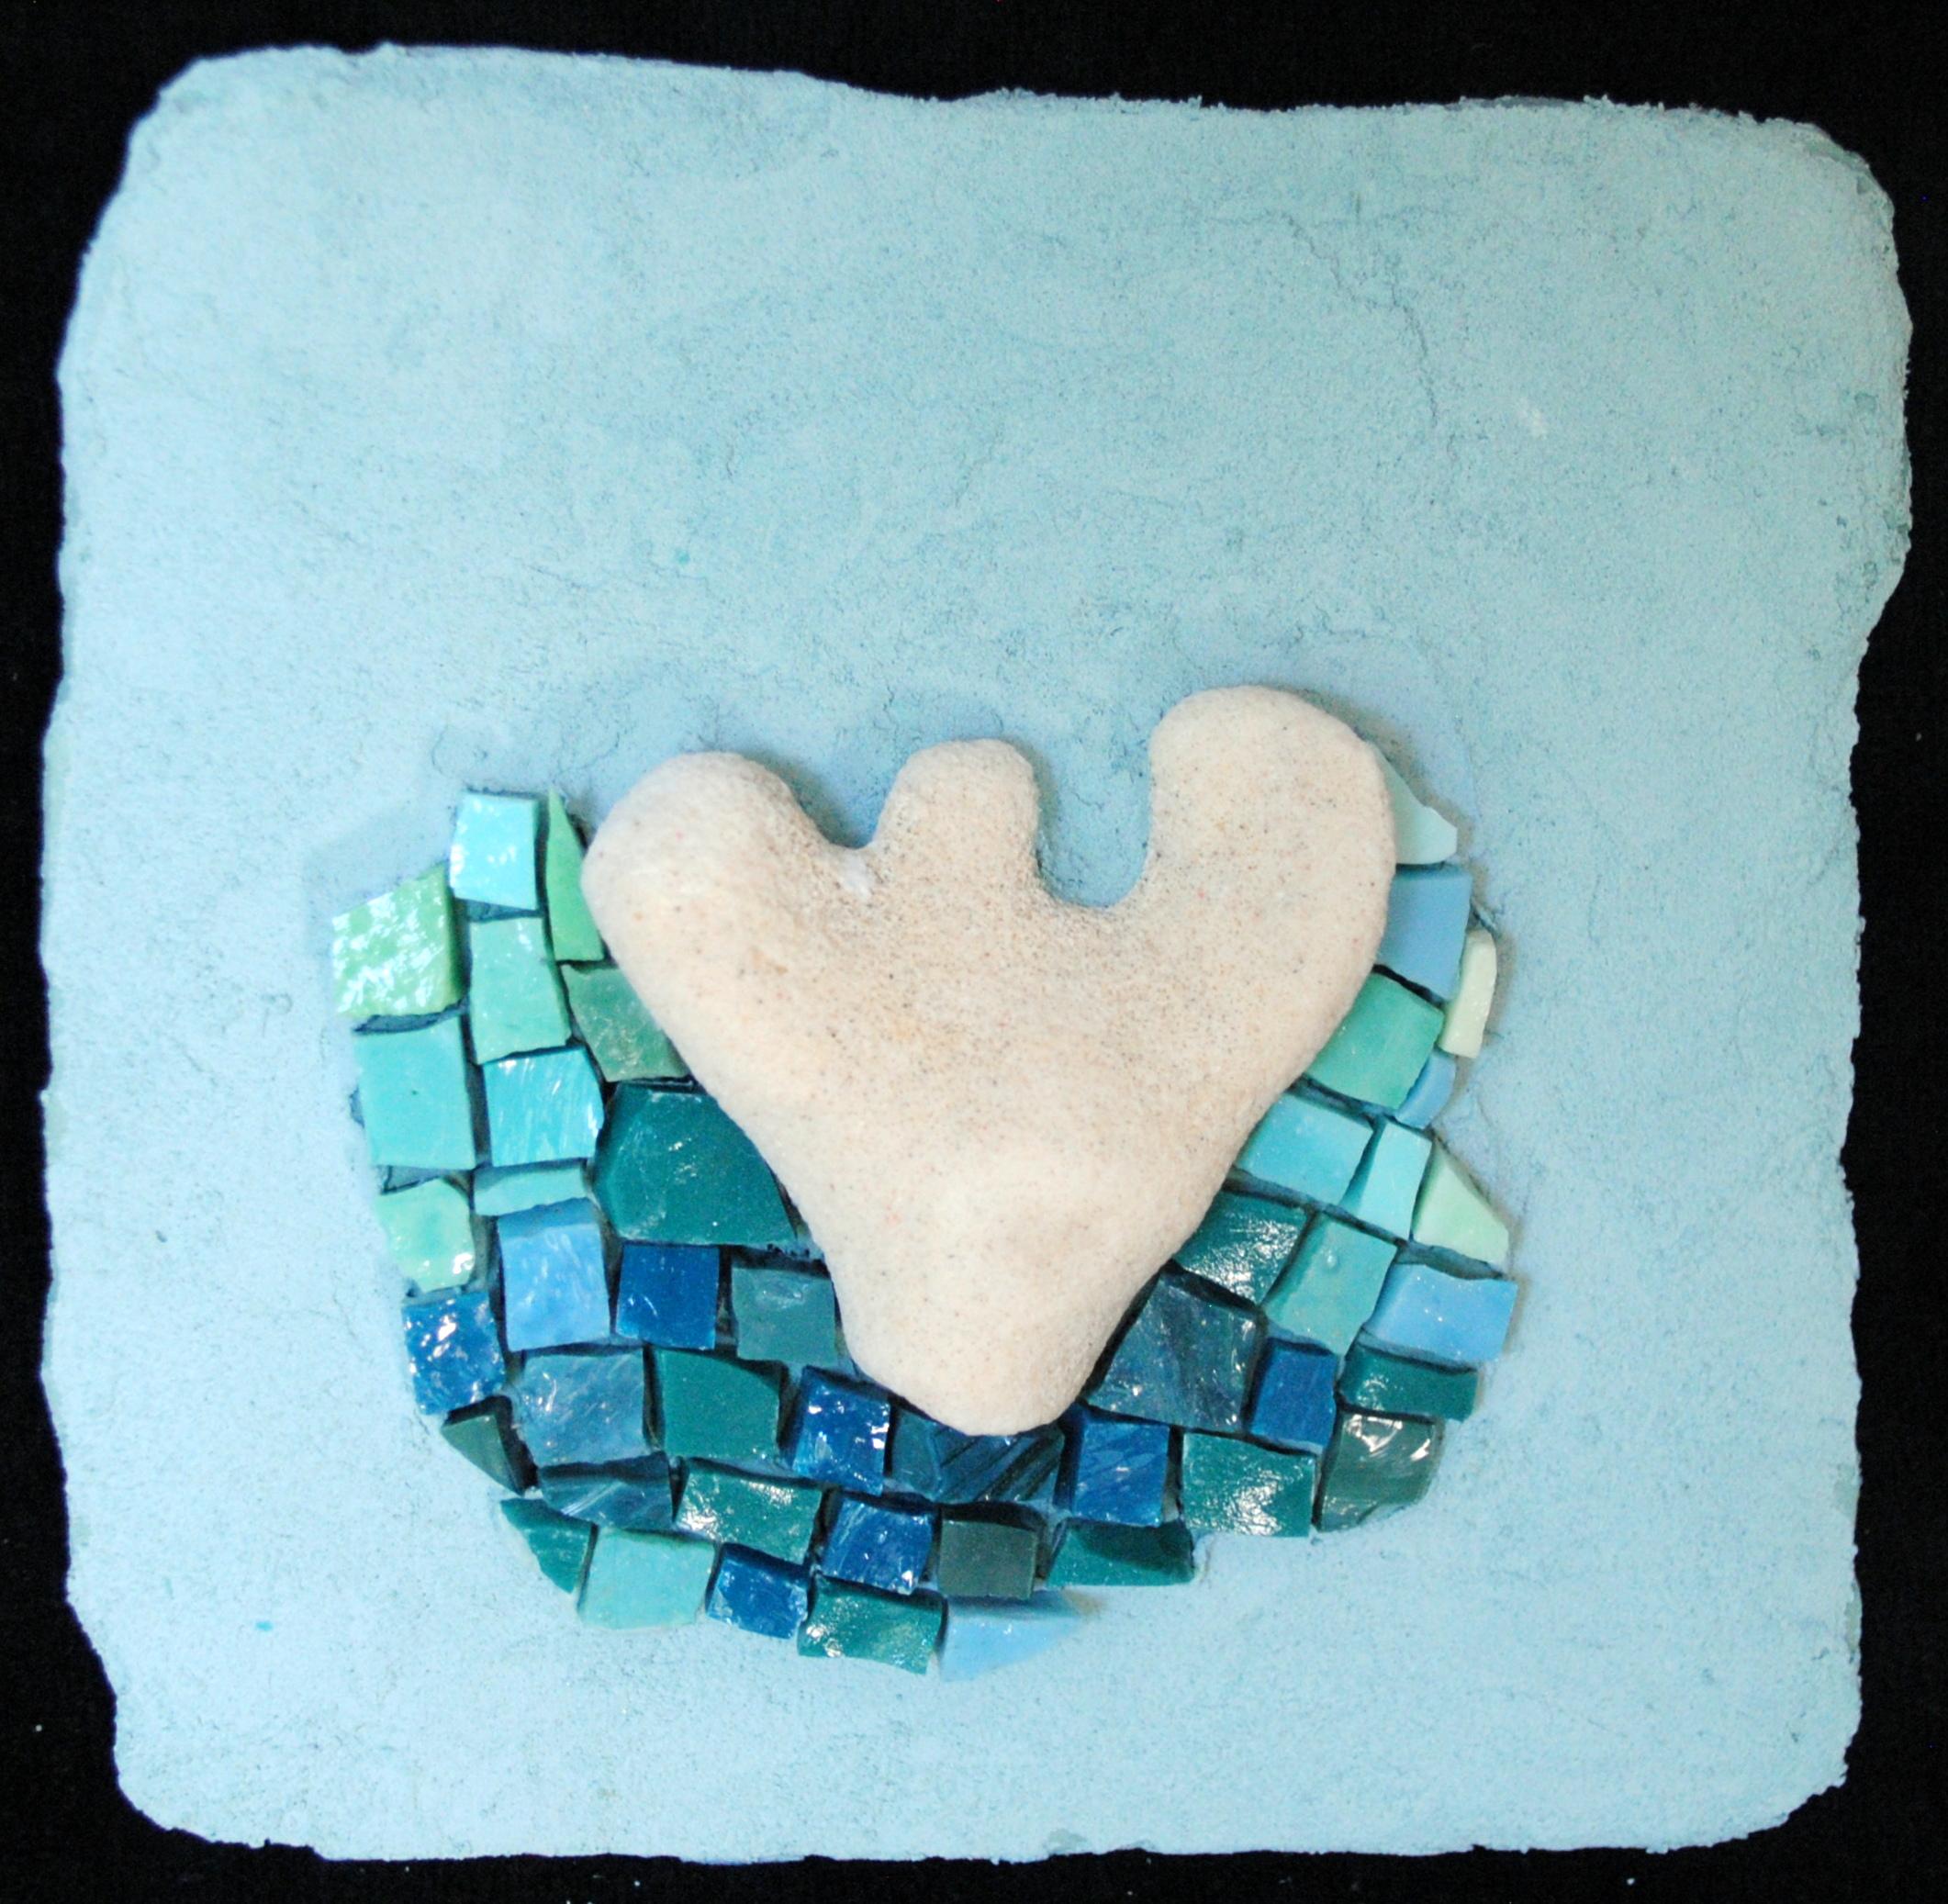 Tiny Barbados Coral on Aqua by Brenda Pokorny MOW1042